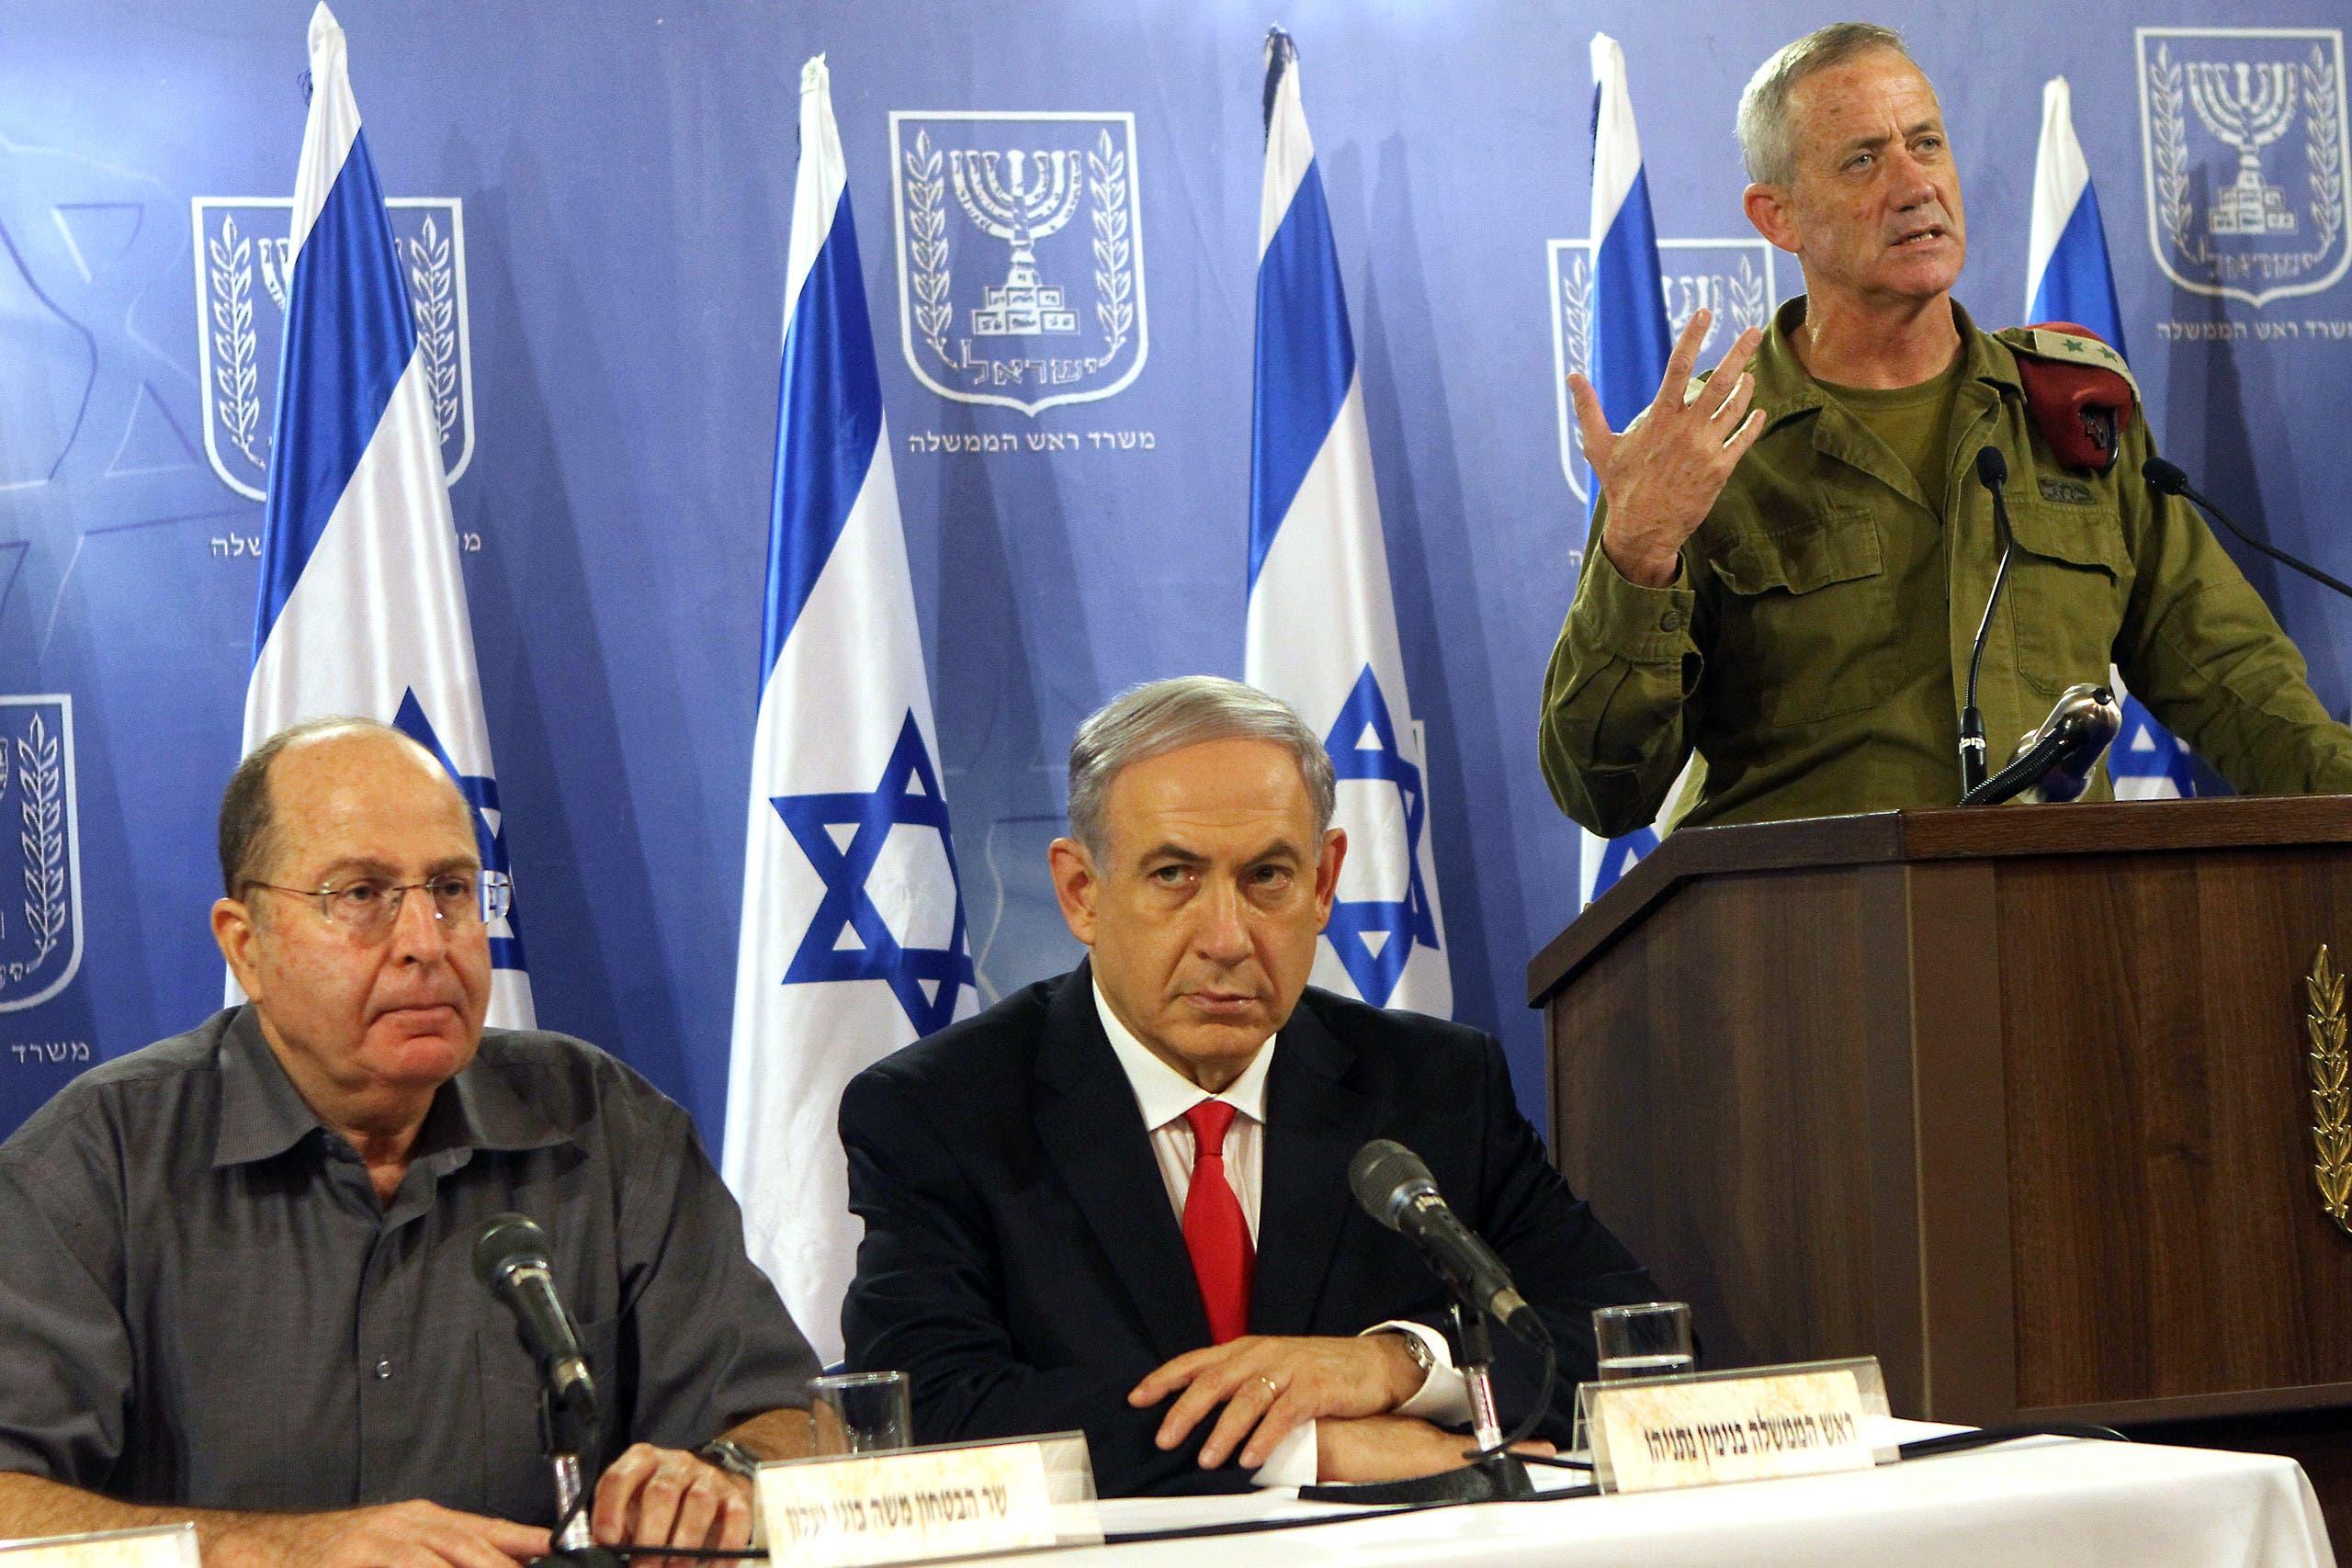 نتنياهو ووزير جيشه خلال الحرب على غزة  وغانتس